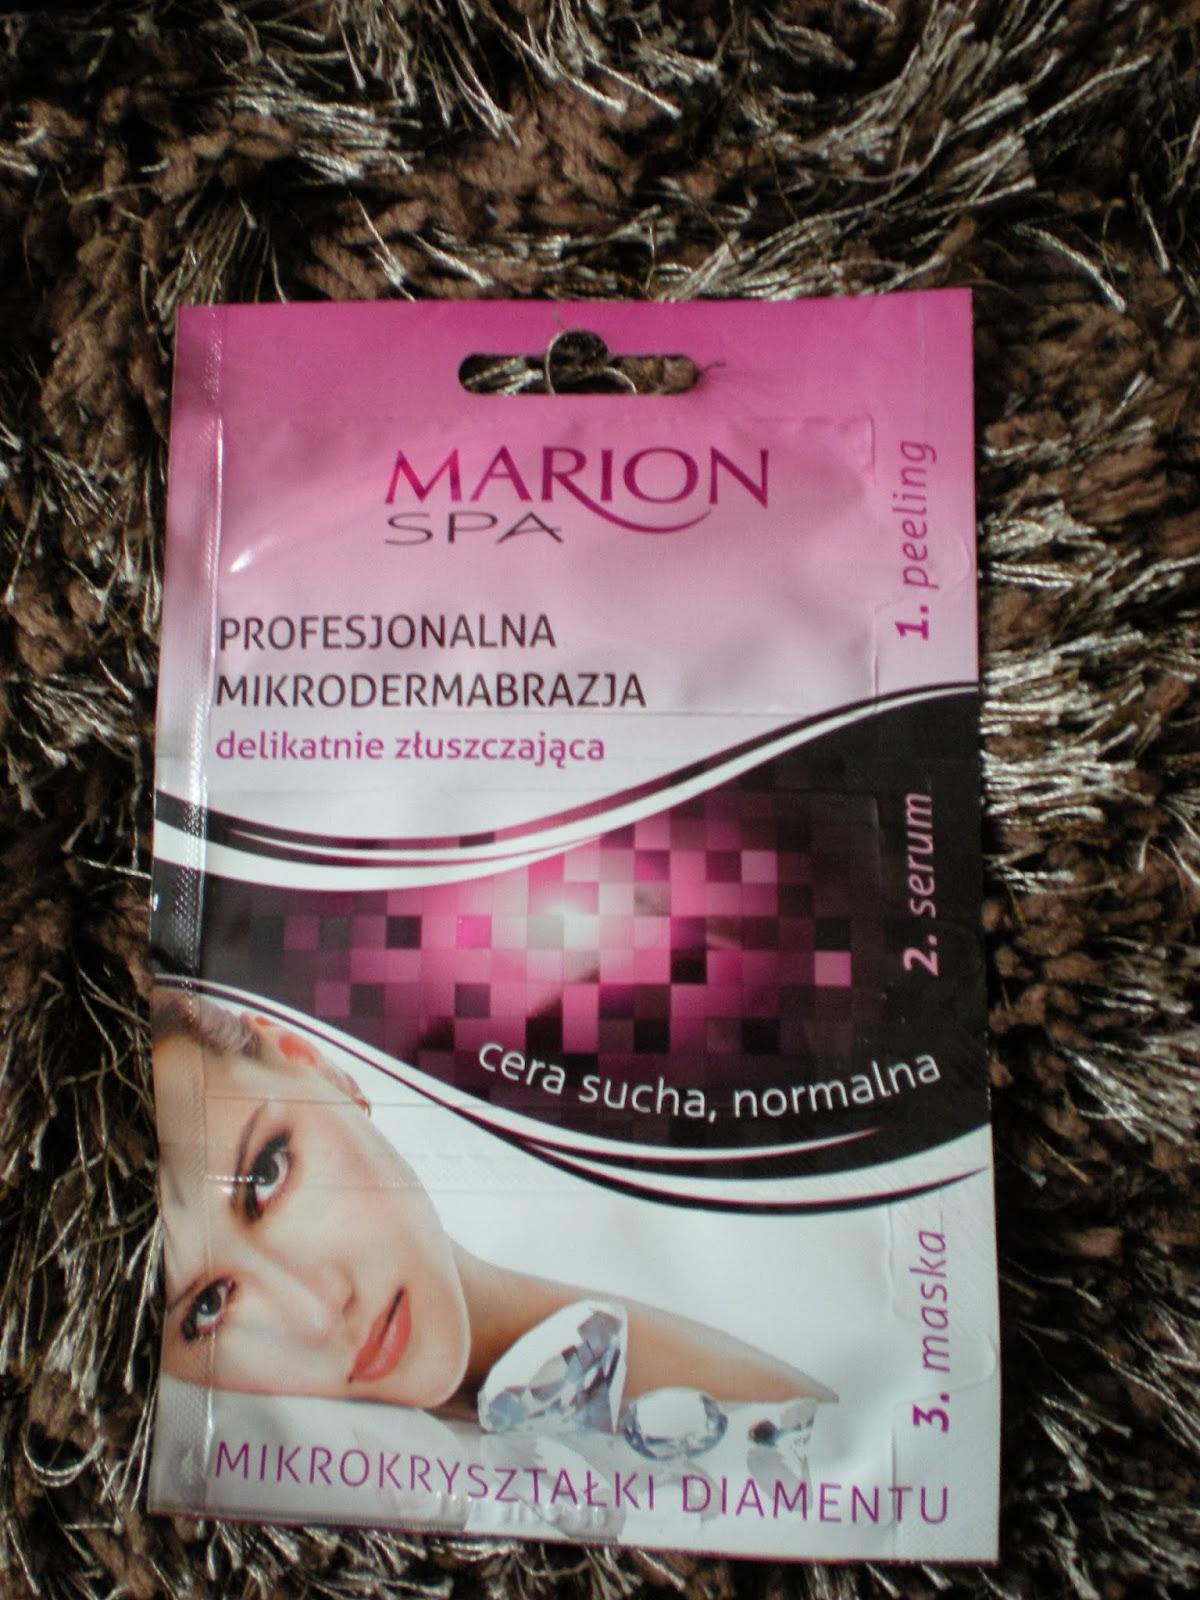 Mikrodermabrazja Marion - recenzja!